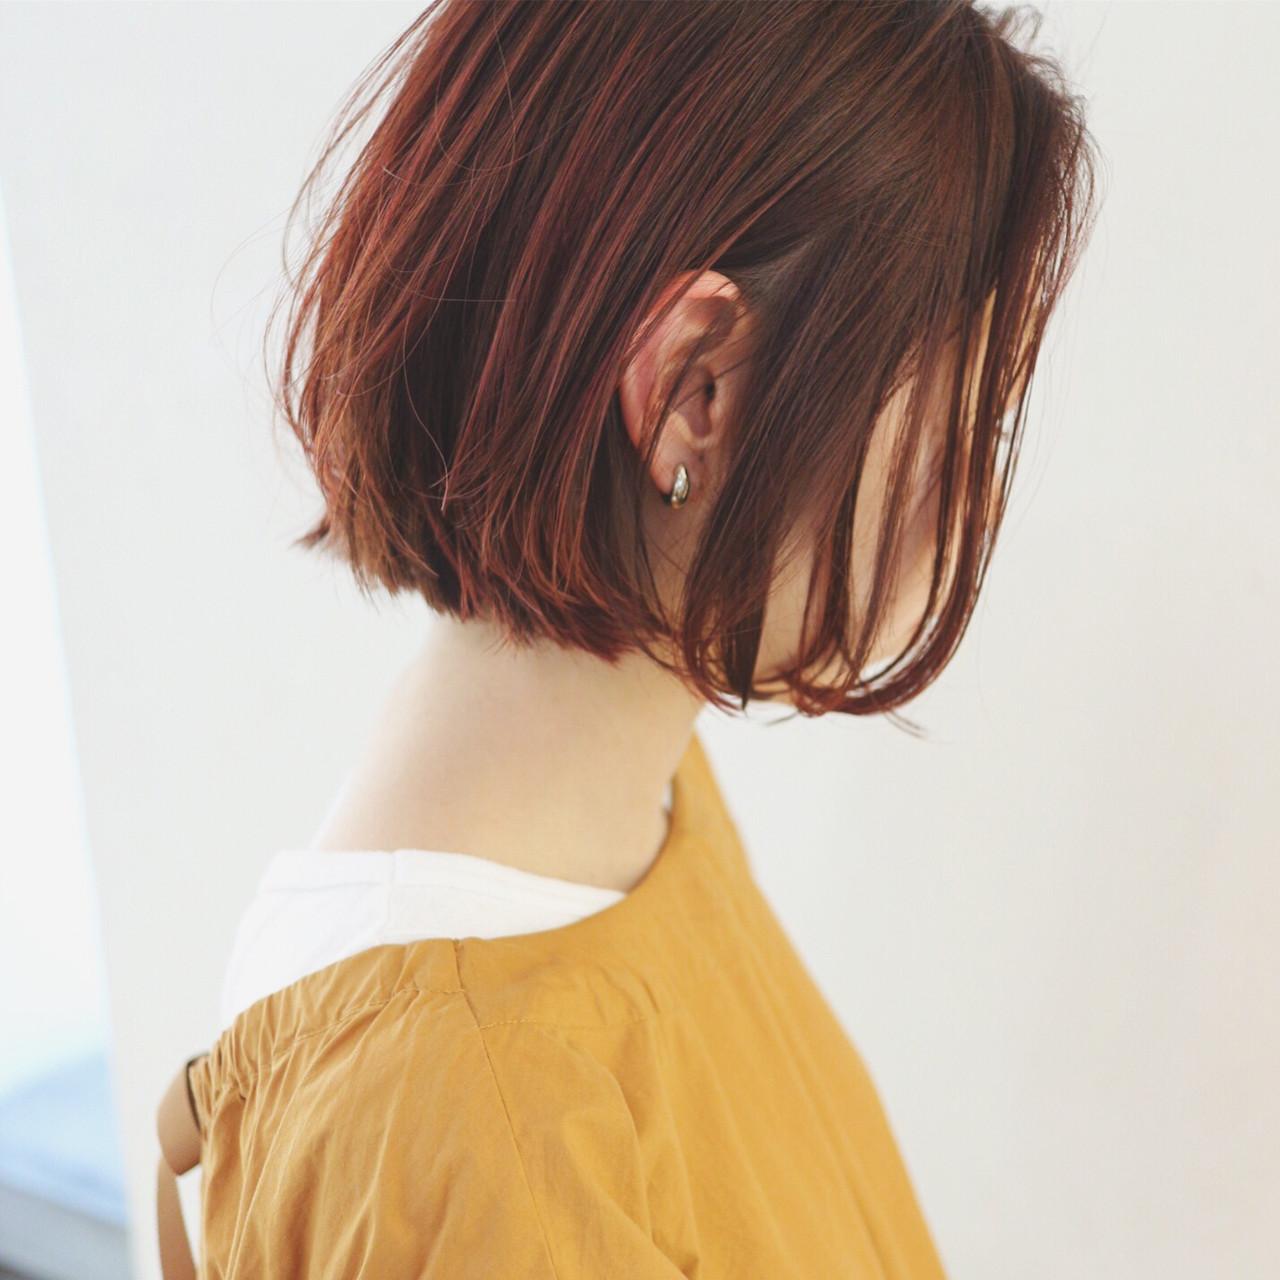 ミニボブ チェリーレッド ストリート 赤髪 ヘアスタイルや髪型の写真・画像